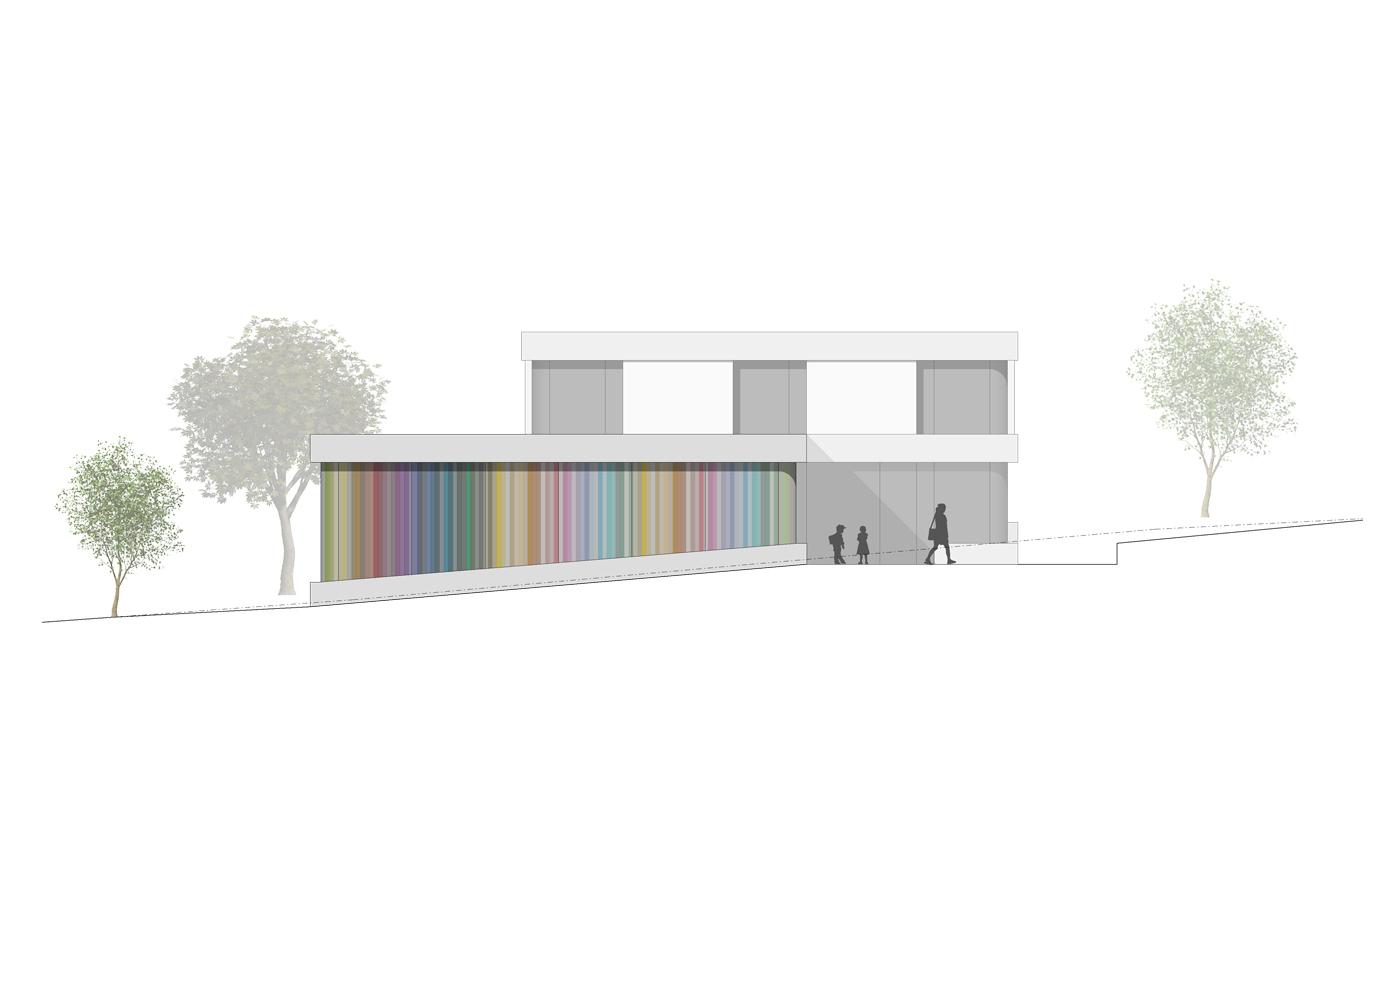 buan architekten – Schulanlage Erlen Emmenbrücke – Neubau Ansicht